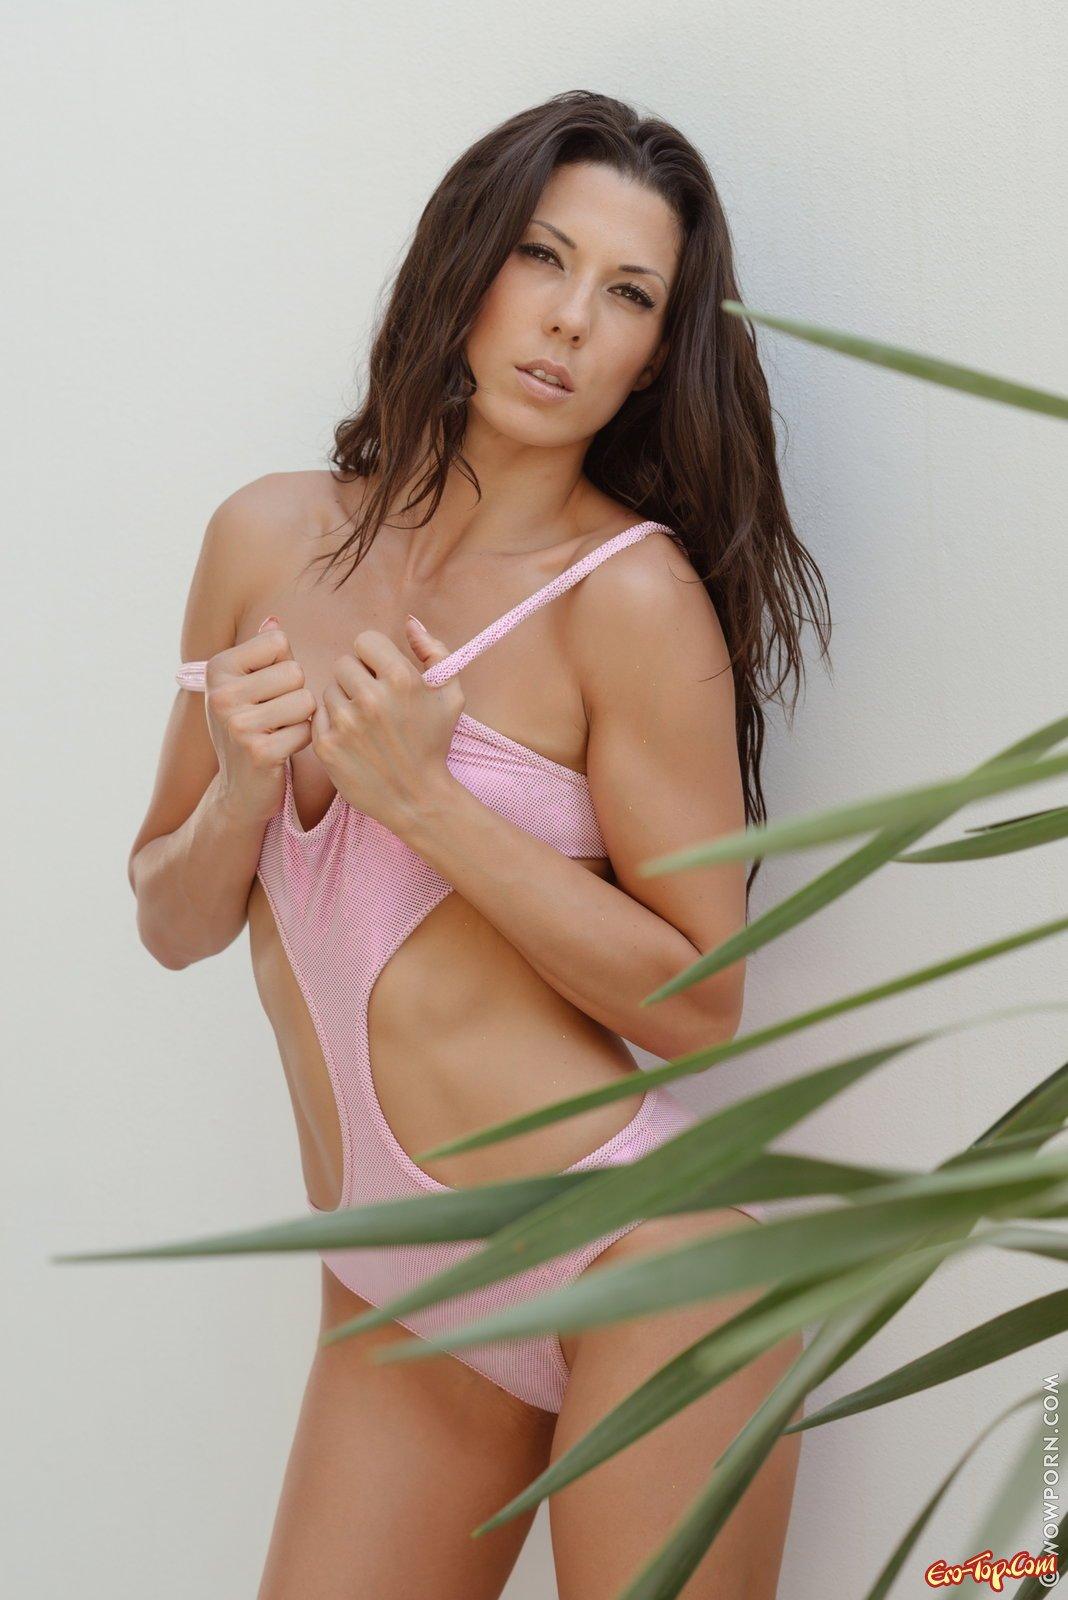 Сексуальная девушка снимает розовый купальник